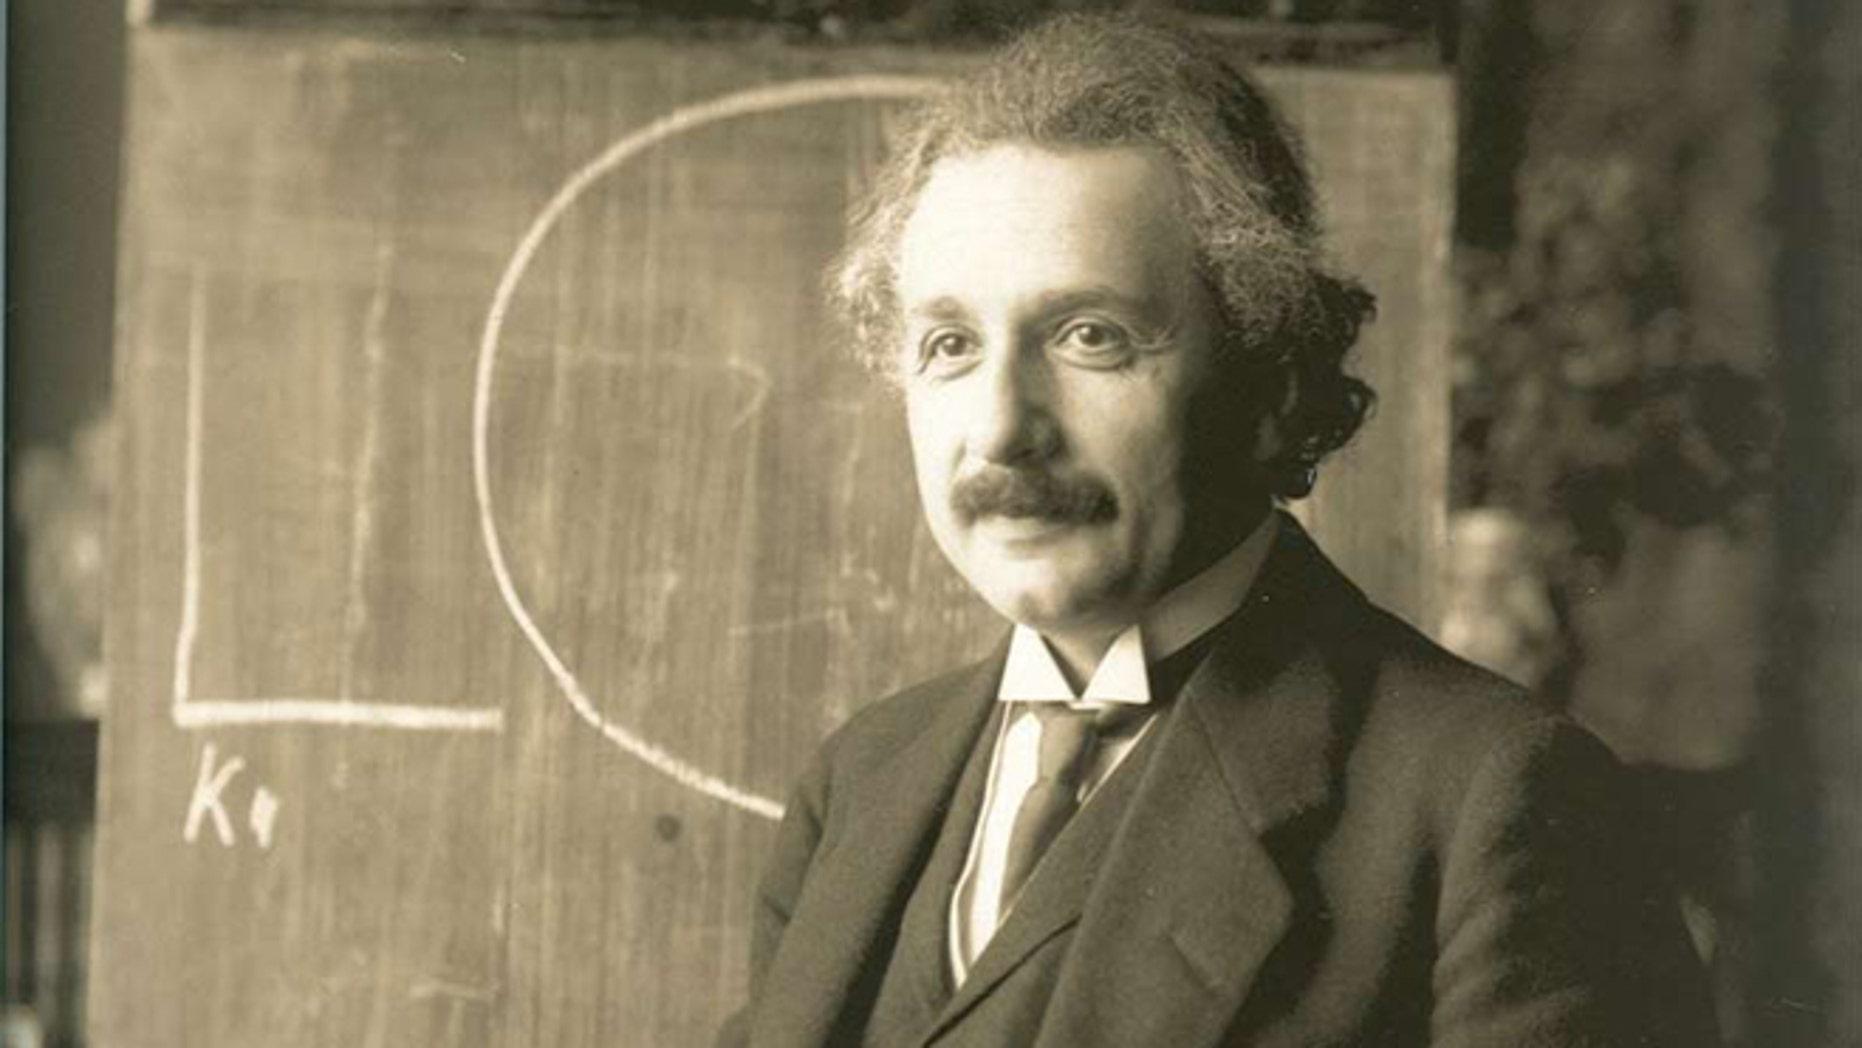 Albert Einstein during a lecture in Vienna in 1921.